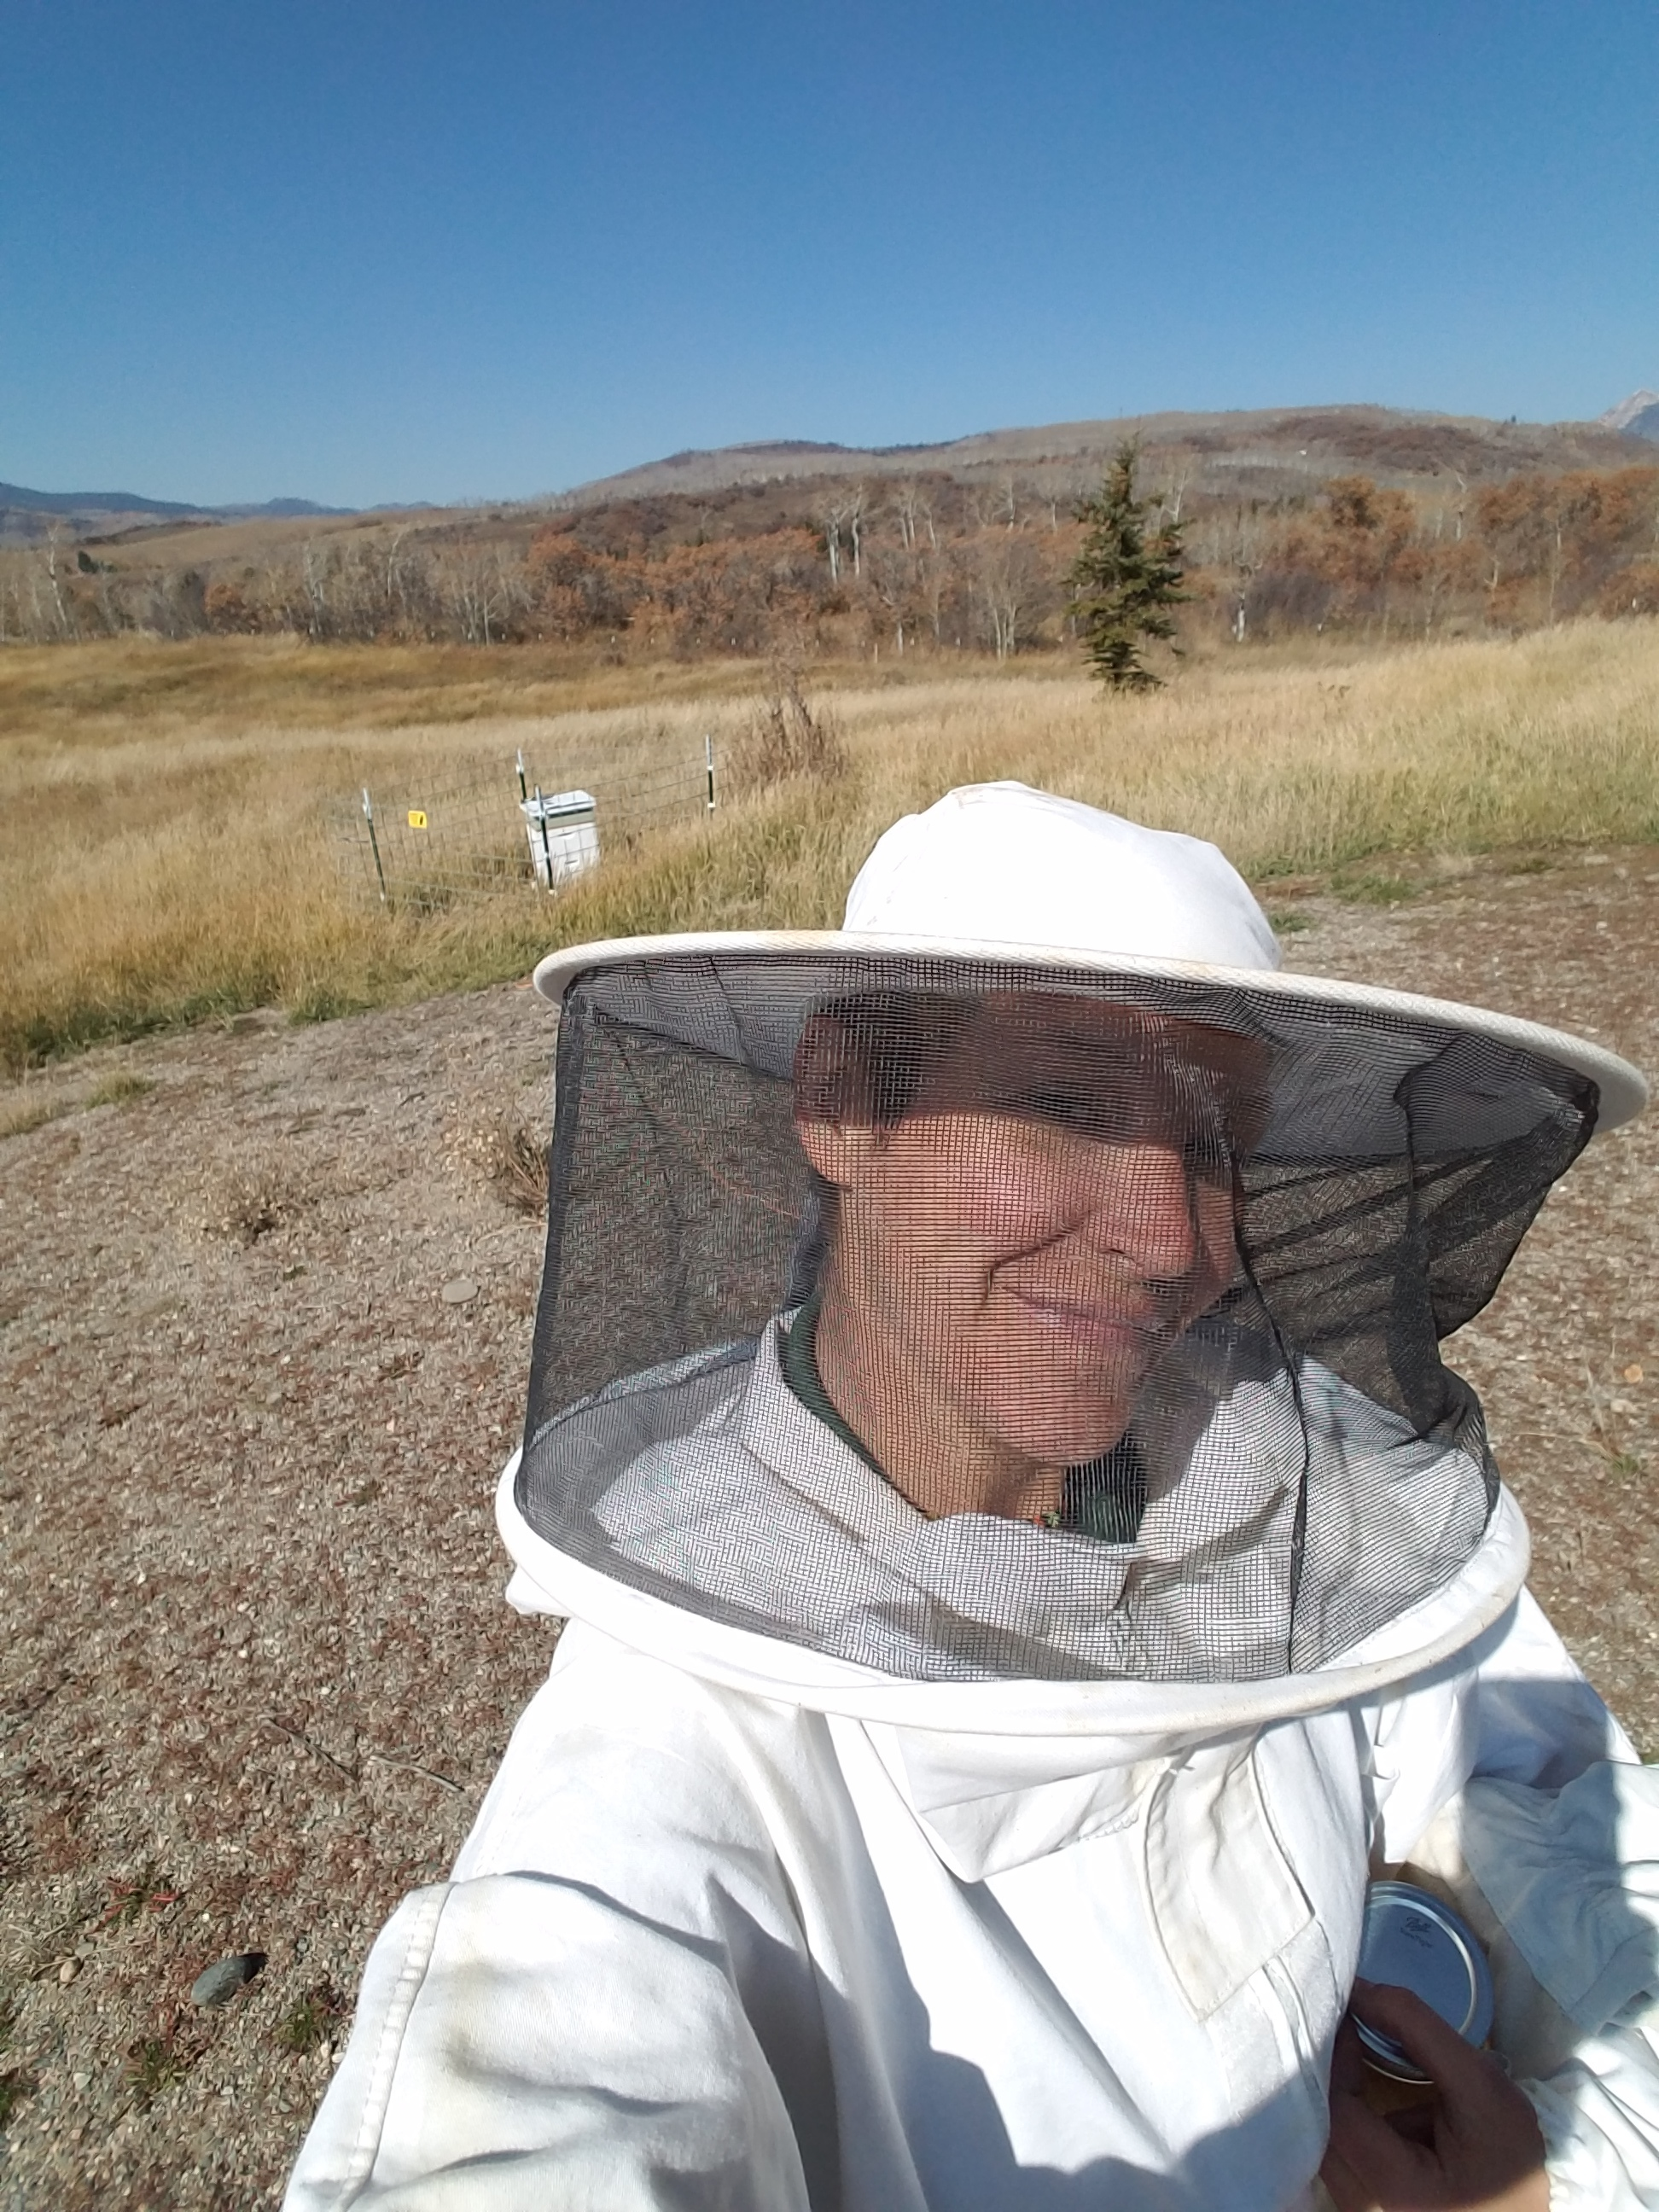 My honeybee refuge